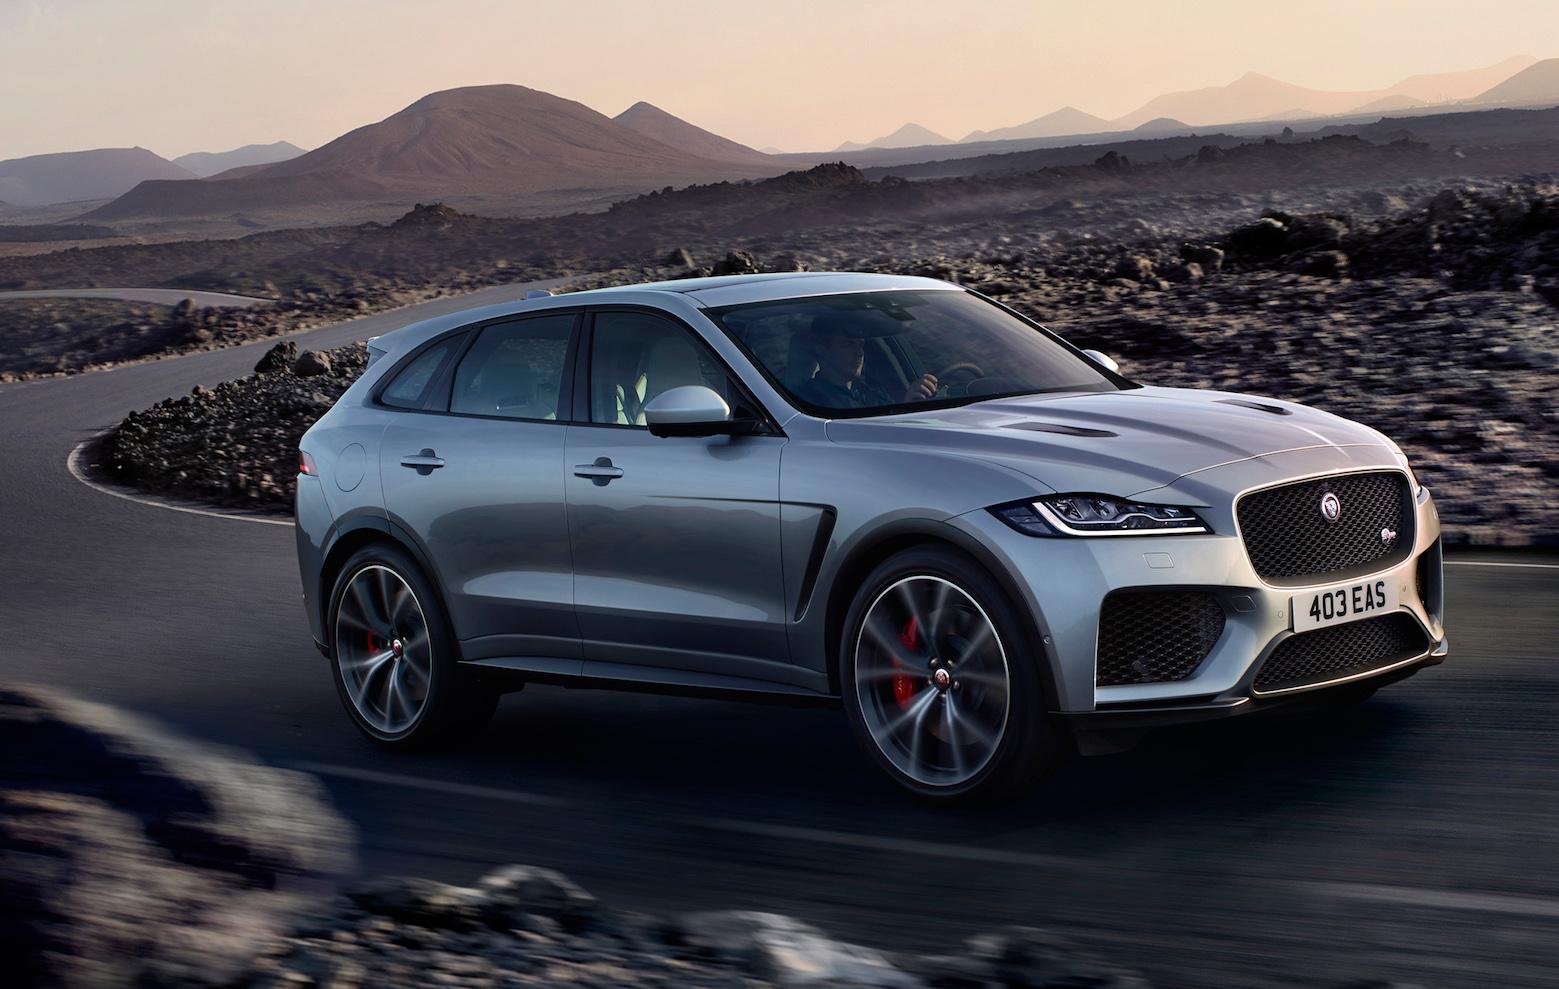 Nuova Jaguar F-Pace 2020, il SUV in anteprima